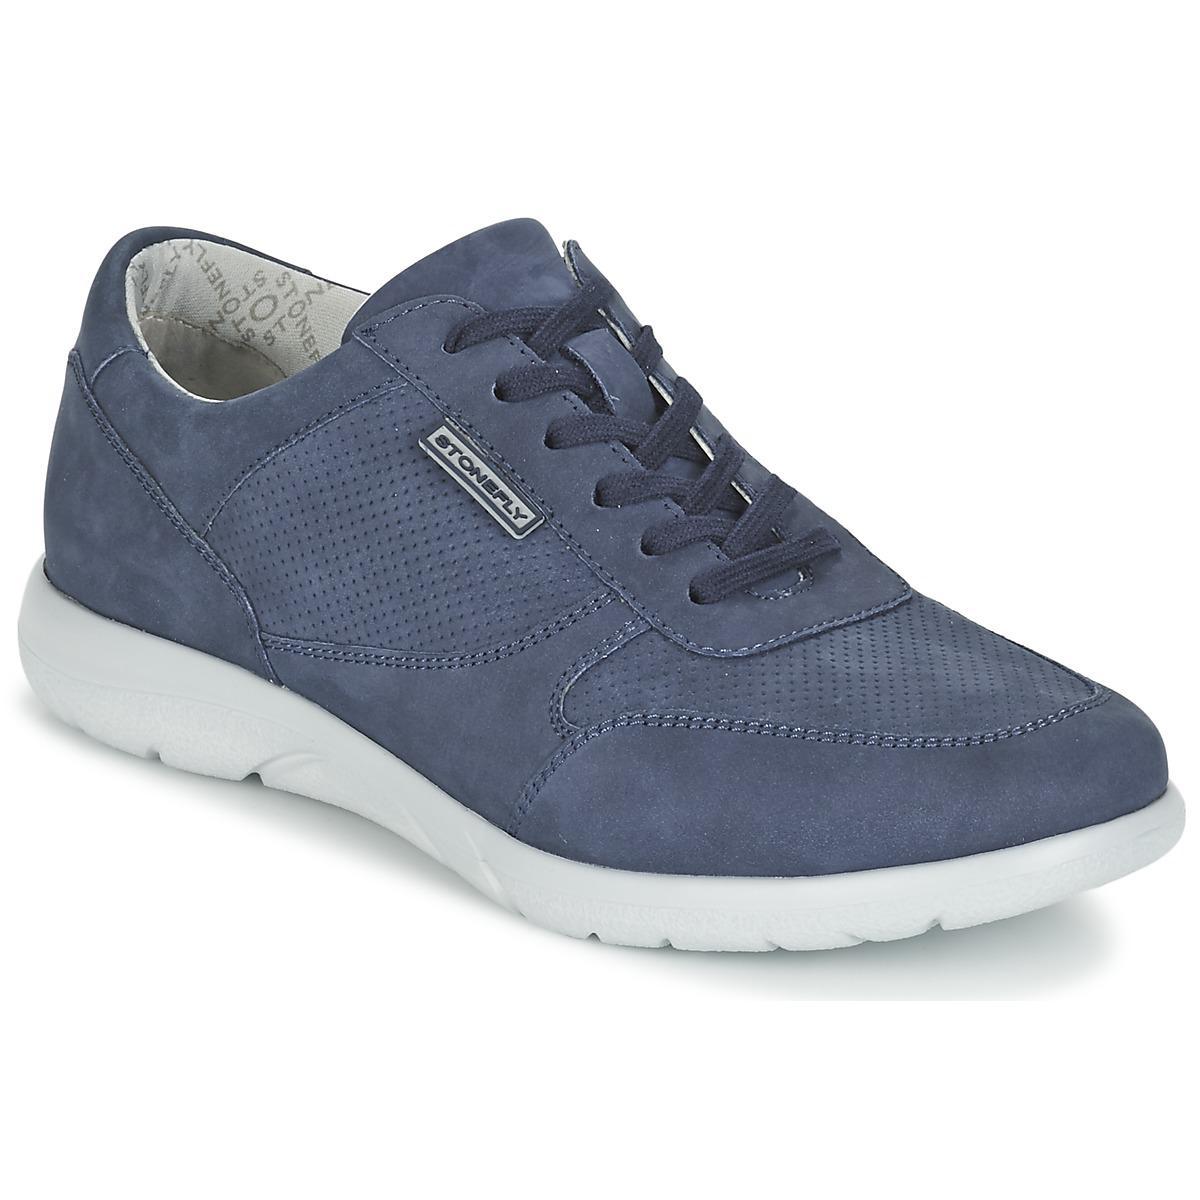 l'homme de femmes l'espace des chaussures pour femmes de (formateurs) en bleu en bleu le catalyseur 7579e1